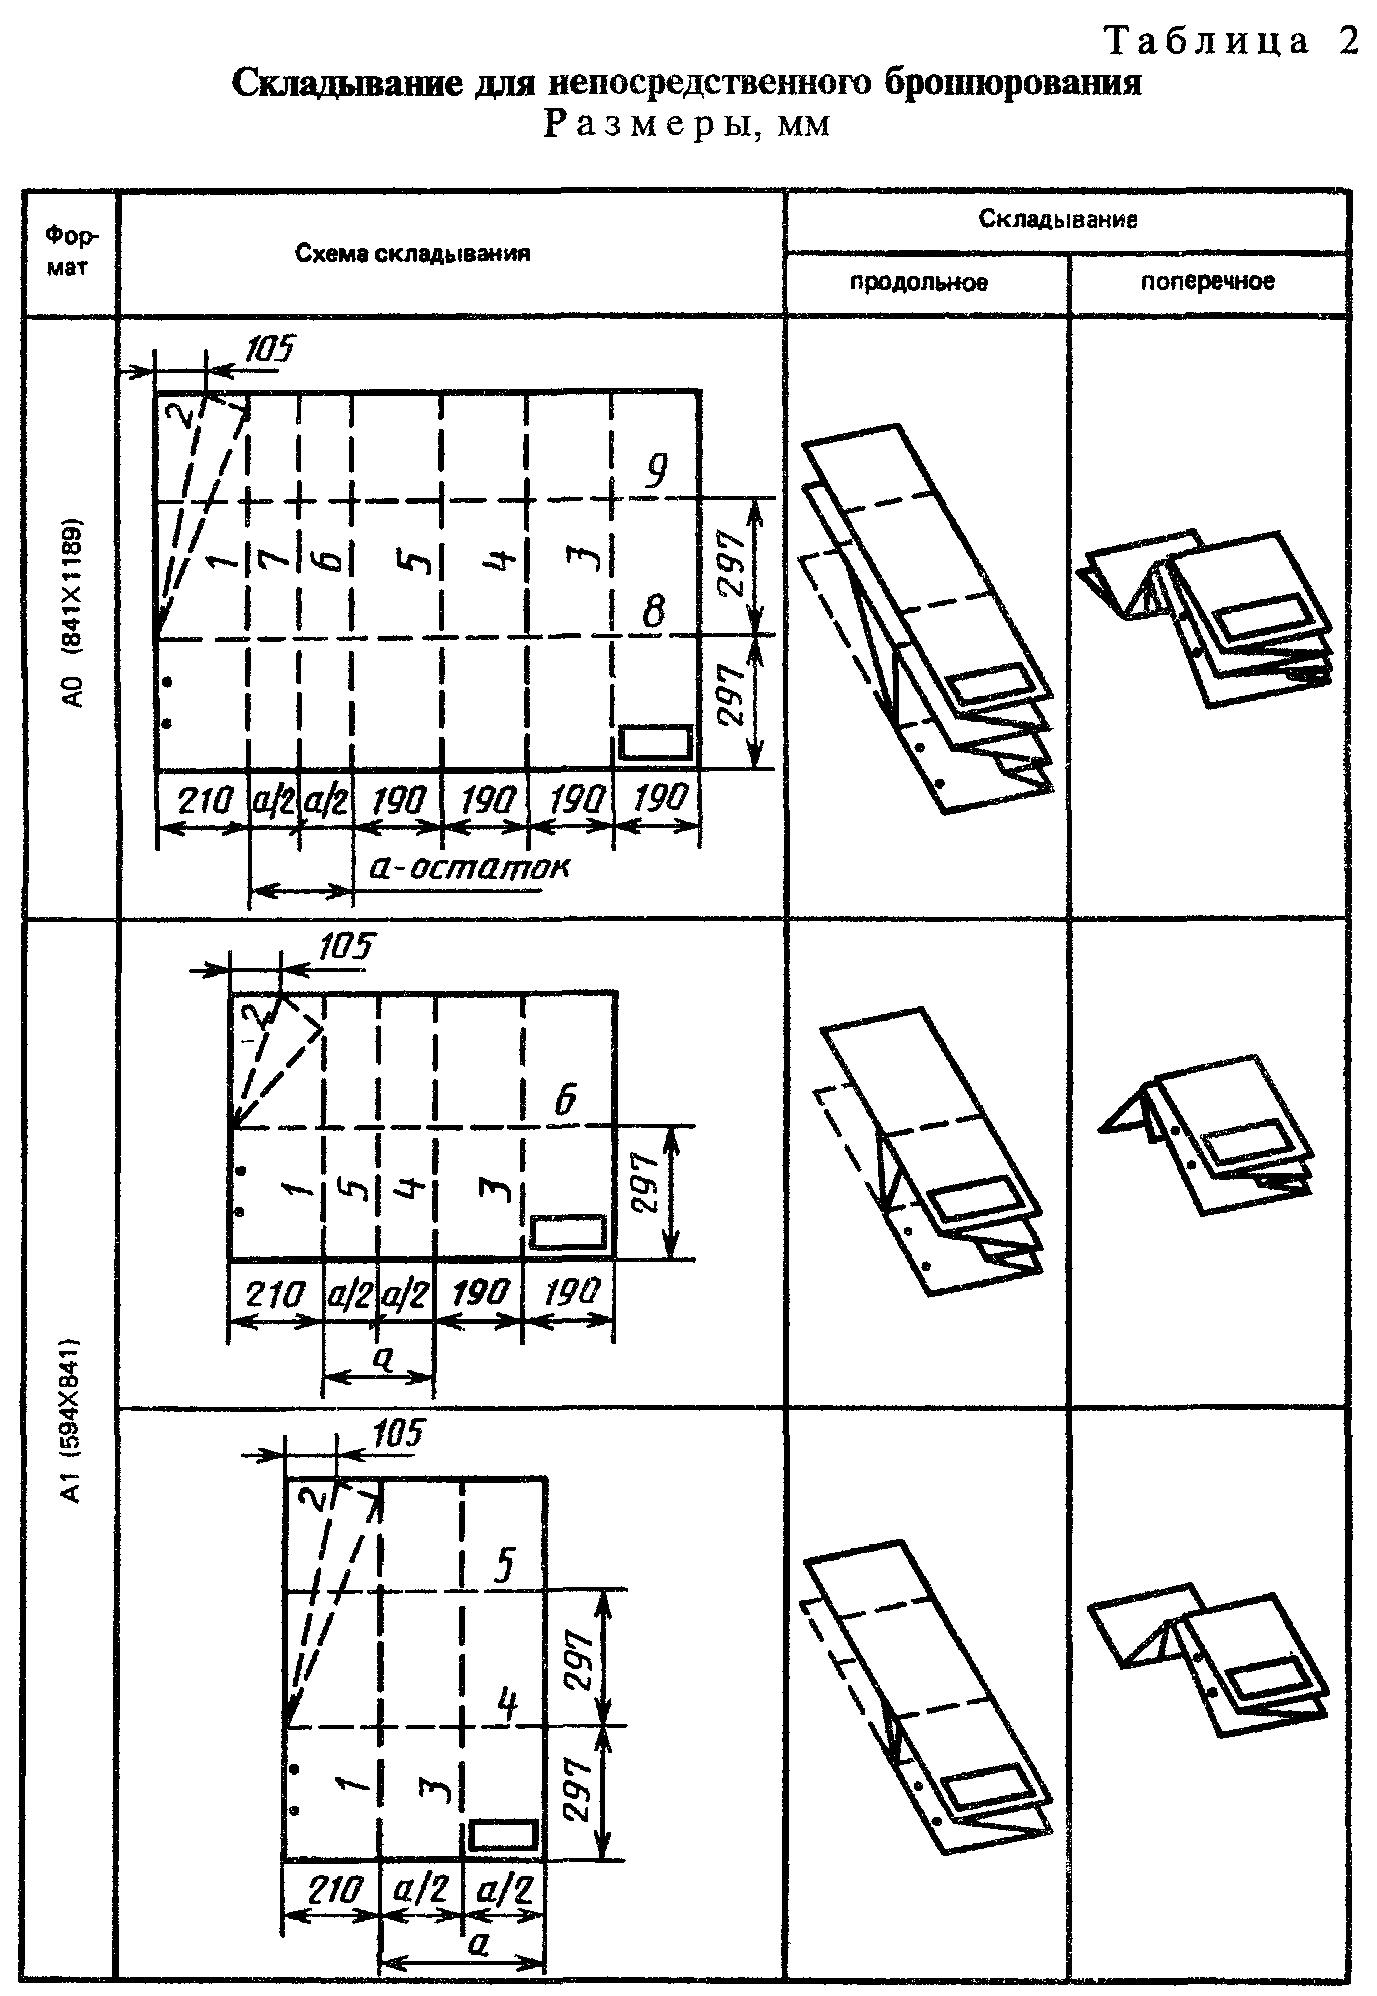 бланки текстовых конструкторских документов